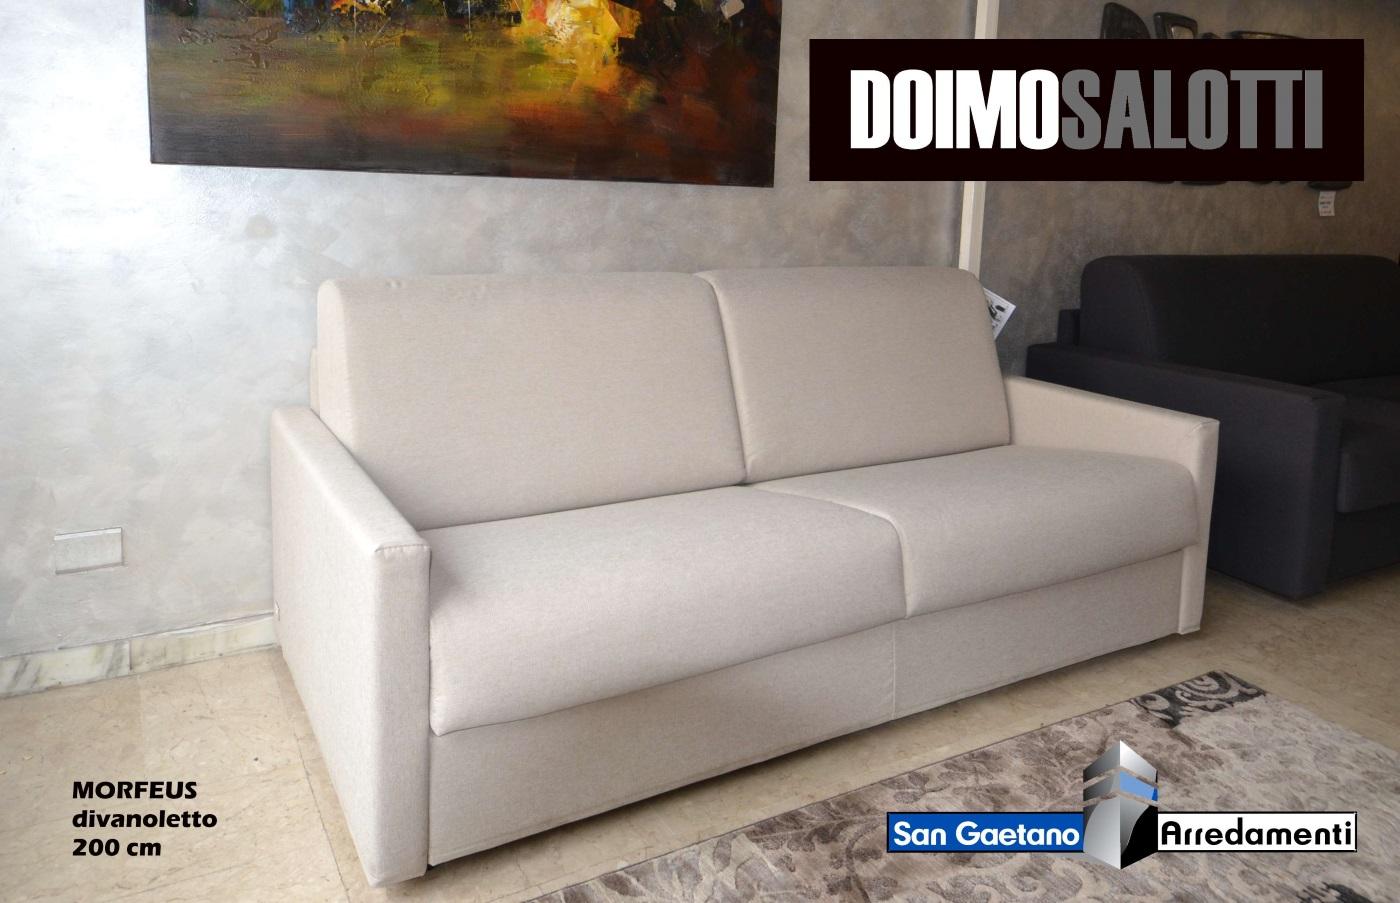 Offerta Divano Doimo Salotti modello Morfeus - San Gaetano ...